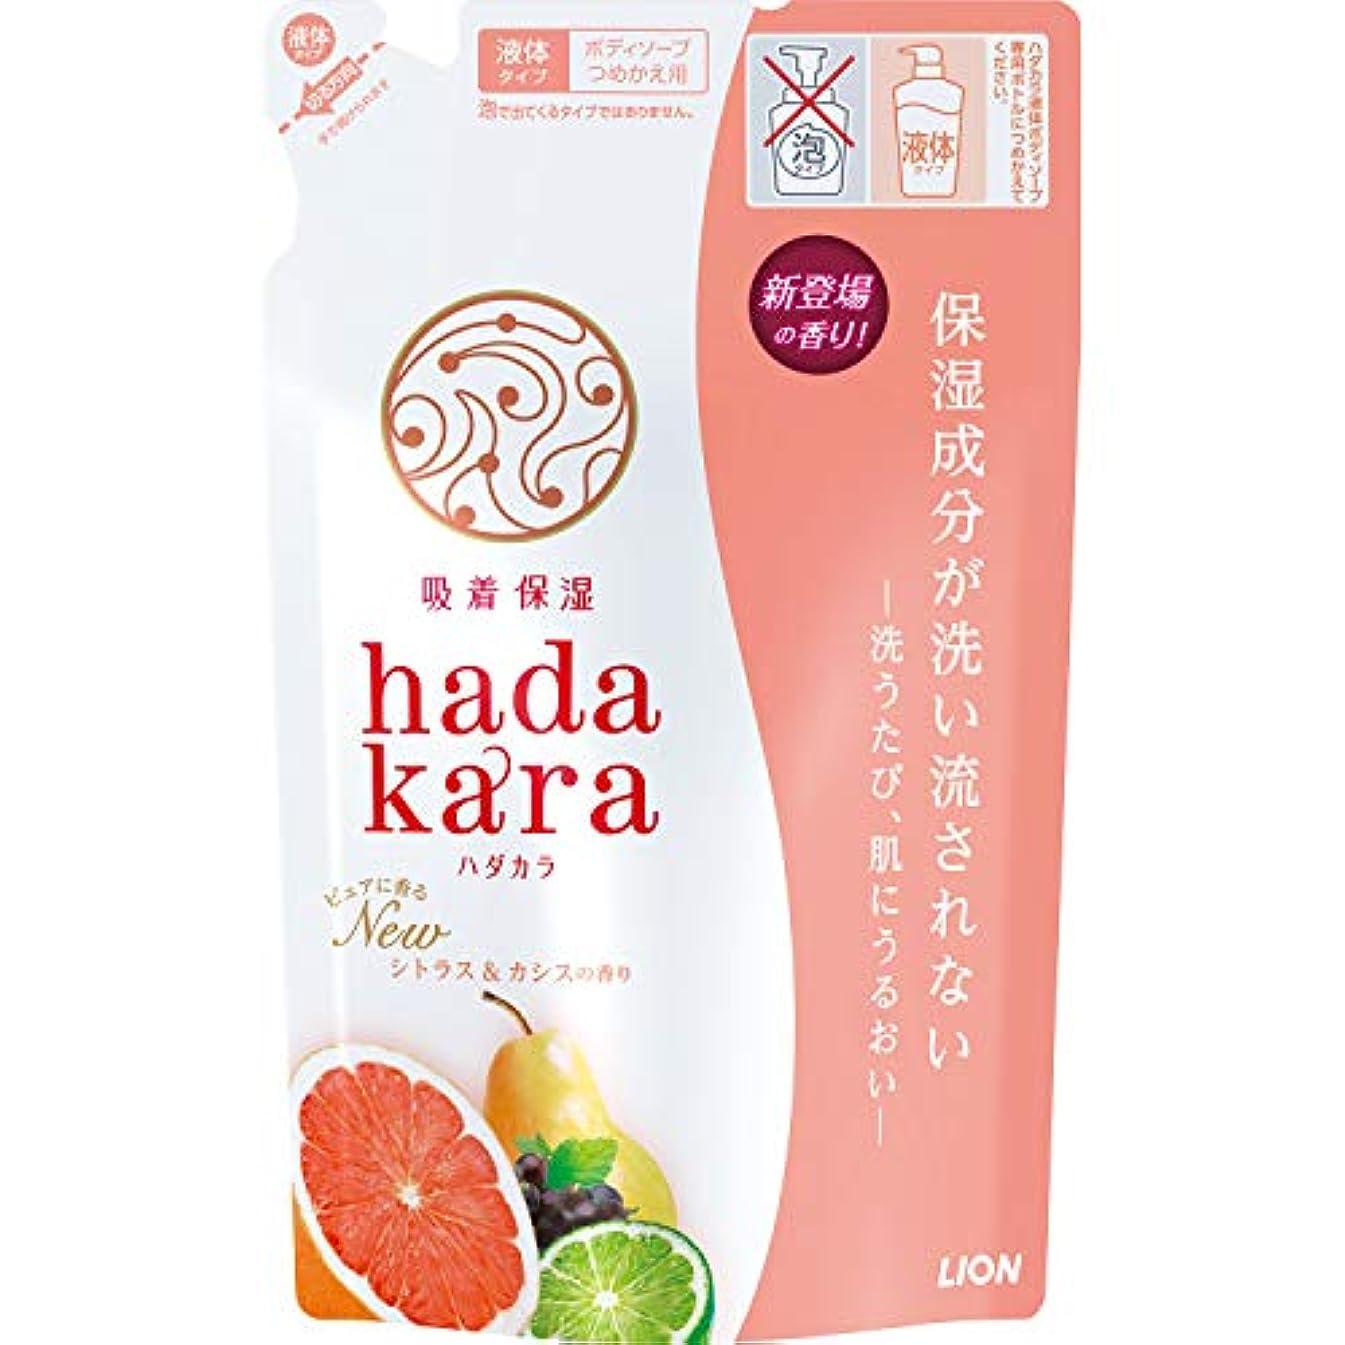 ダウンタウン作ります告白するhadakara(ハダカラ) ボディソープ シトラス&カシスの香り つめかえ 360ml 詰替え用